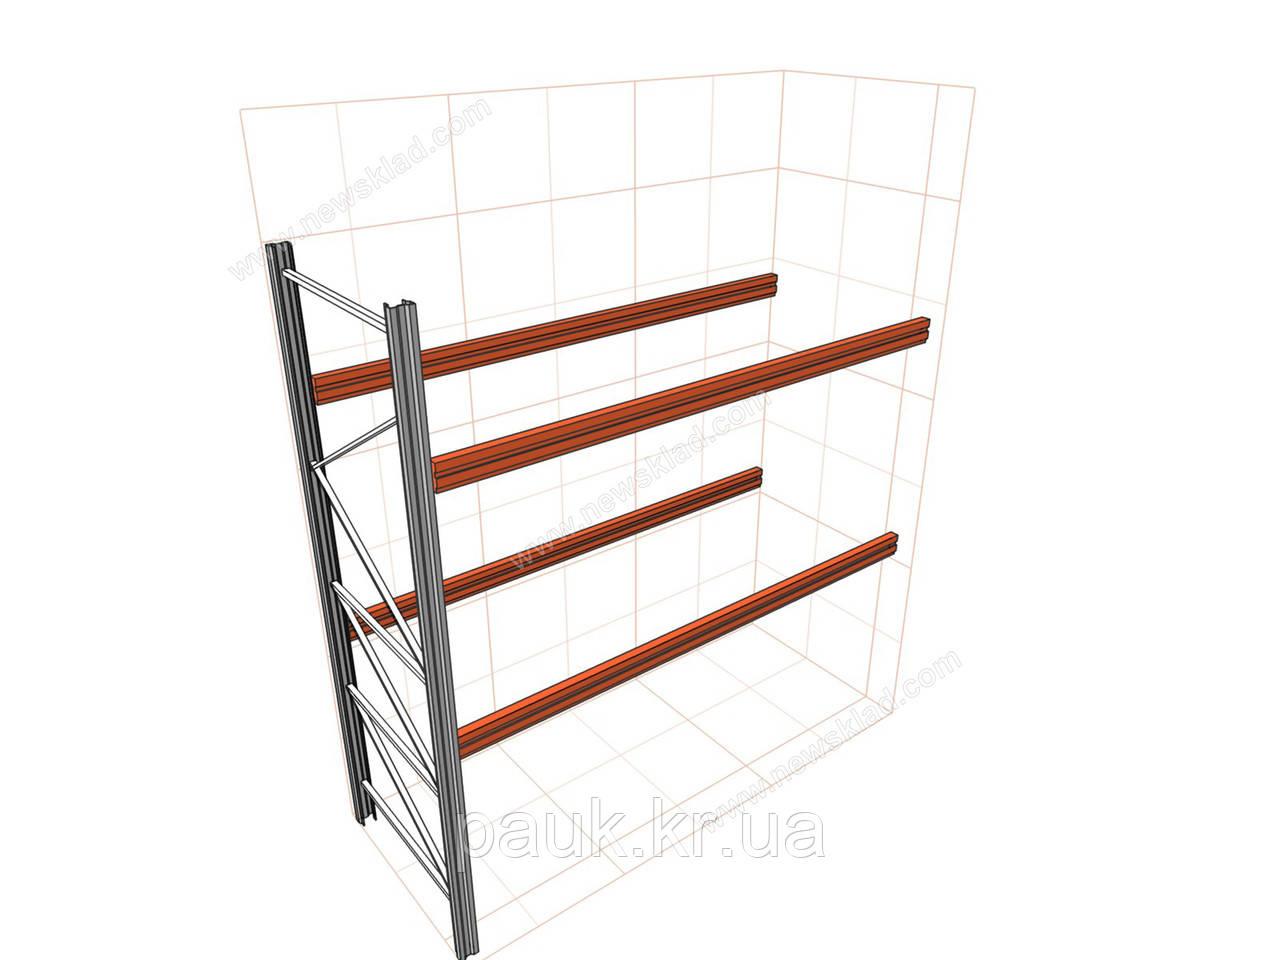 Стелаж палетний приставний H3000хL2700х1100 мм (пол. + 2 рівня по 2300 кг на рівень), стелаж для палет